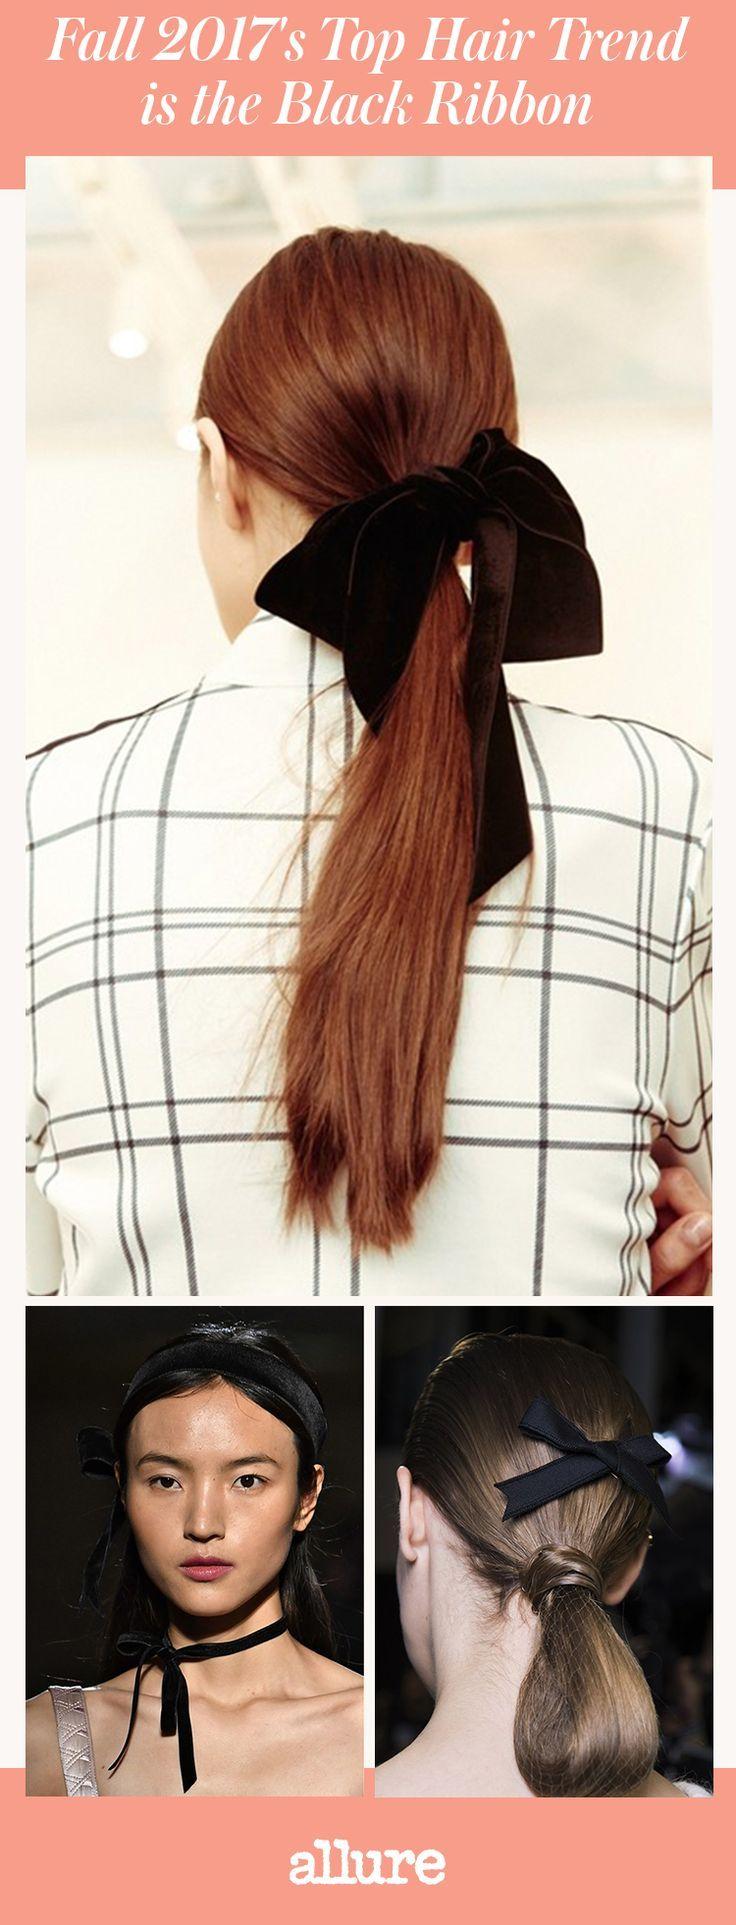 Ceci est la plus grande tendance de cheveux à la Fashion Week cette saison   – BEAUTY